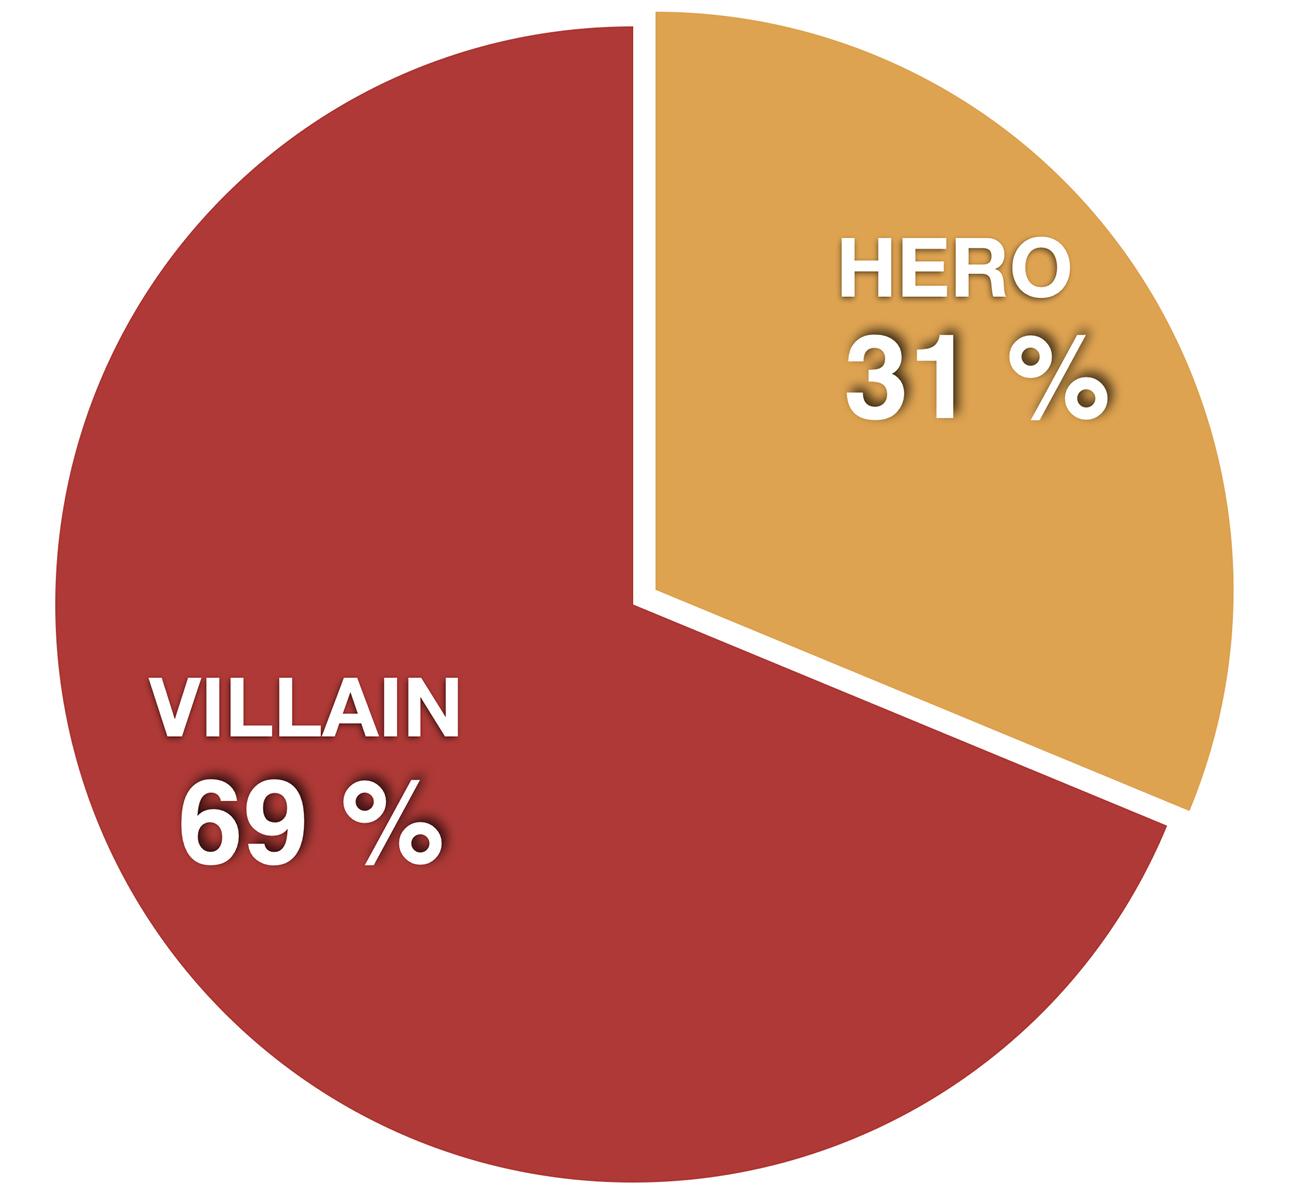 Top16 Spanish Nationals hero villainjpg